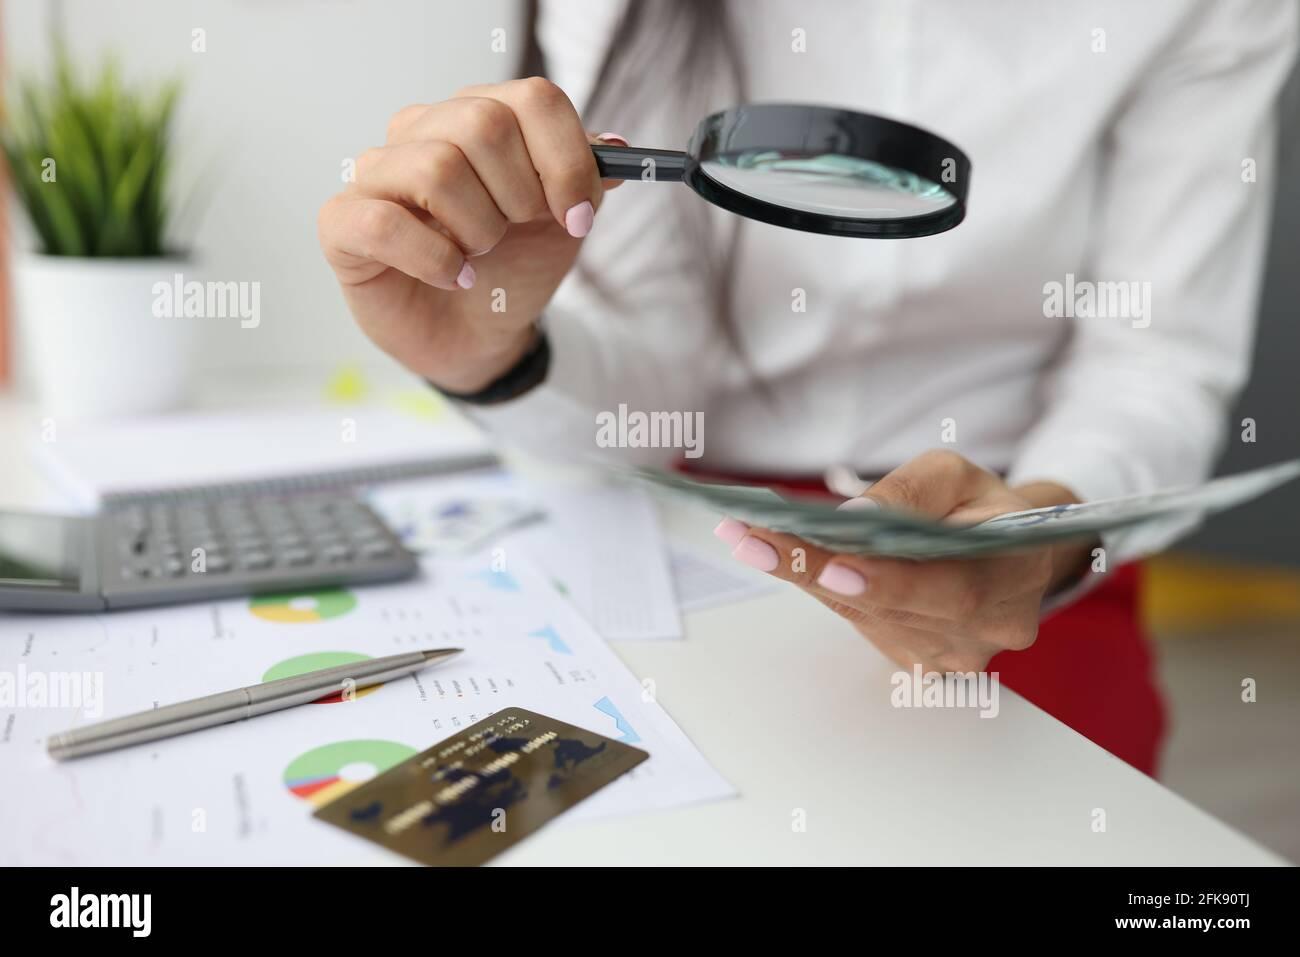 La main féminine tient la loupe et l'argent à la table de travail Banque D'Images